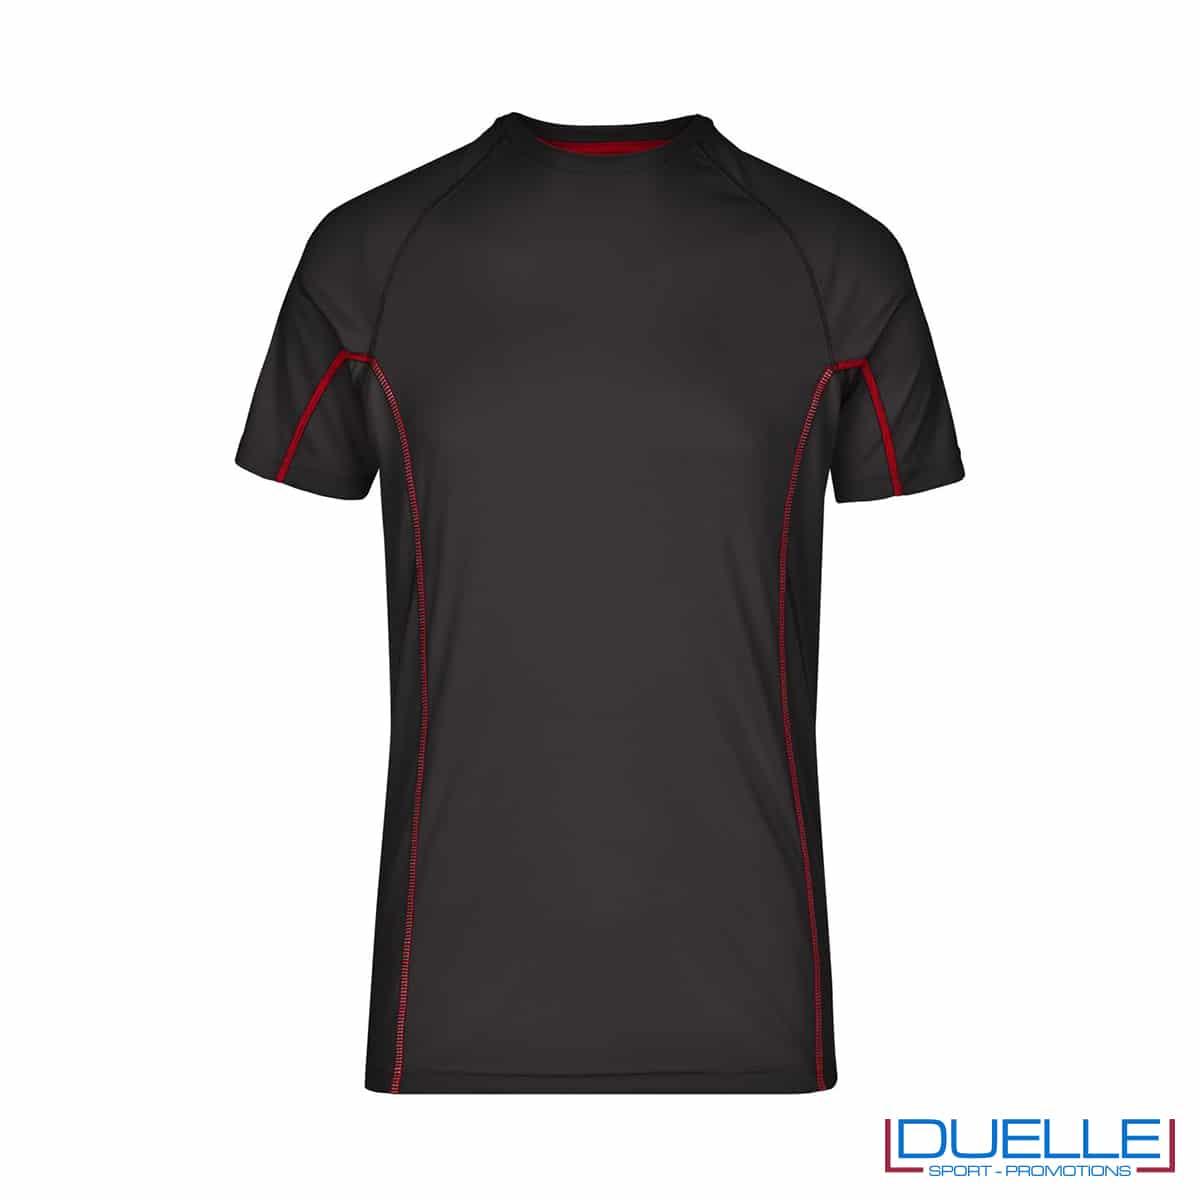 Maglia running Coolmax uomo colore nero/rosso personalizzata